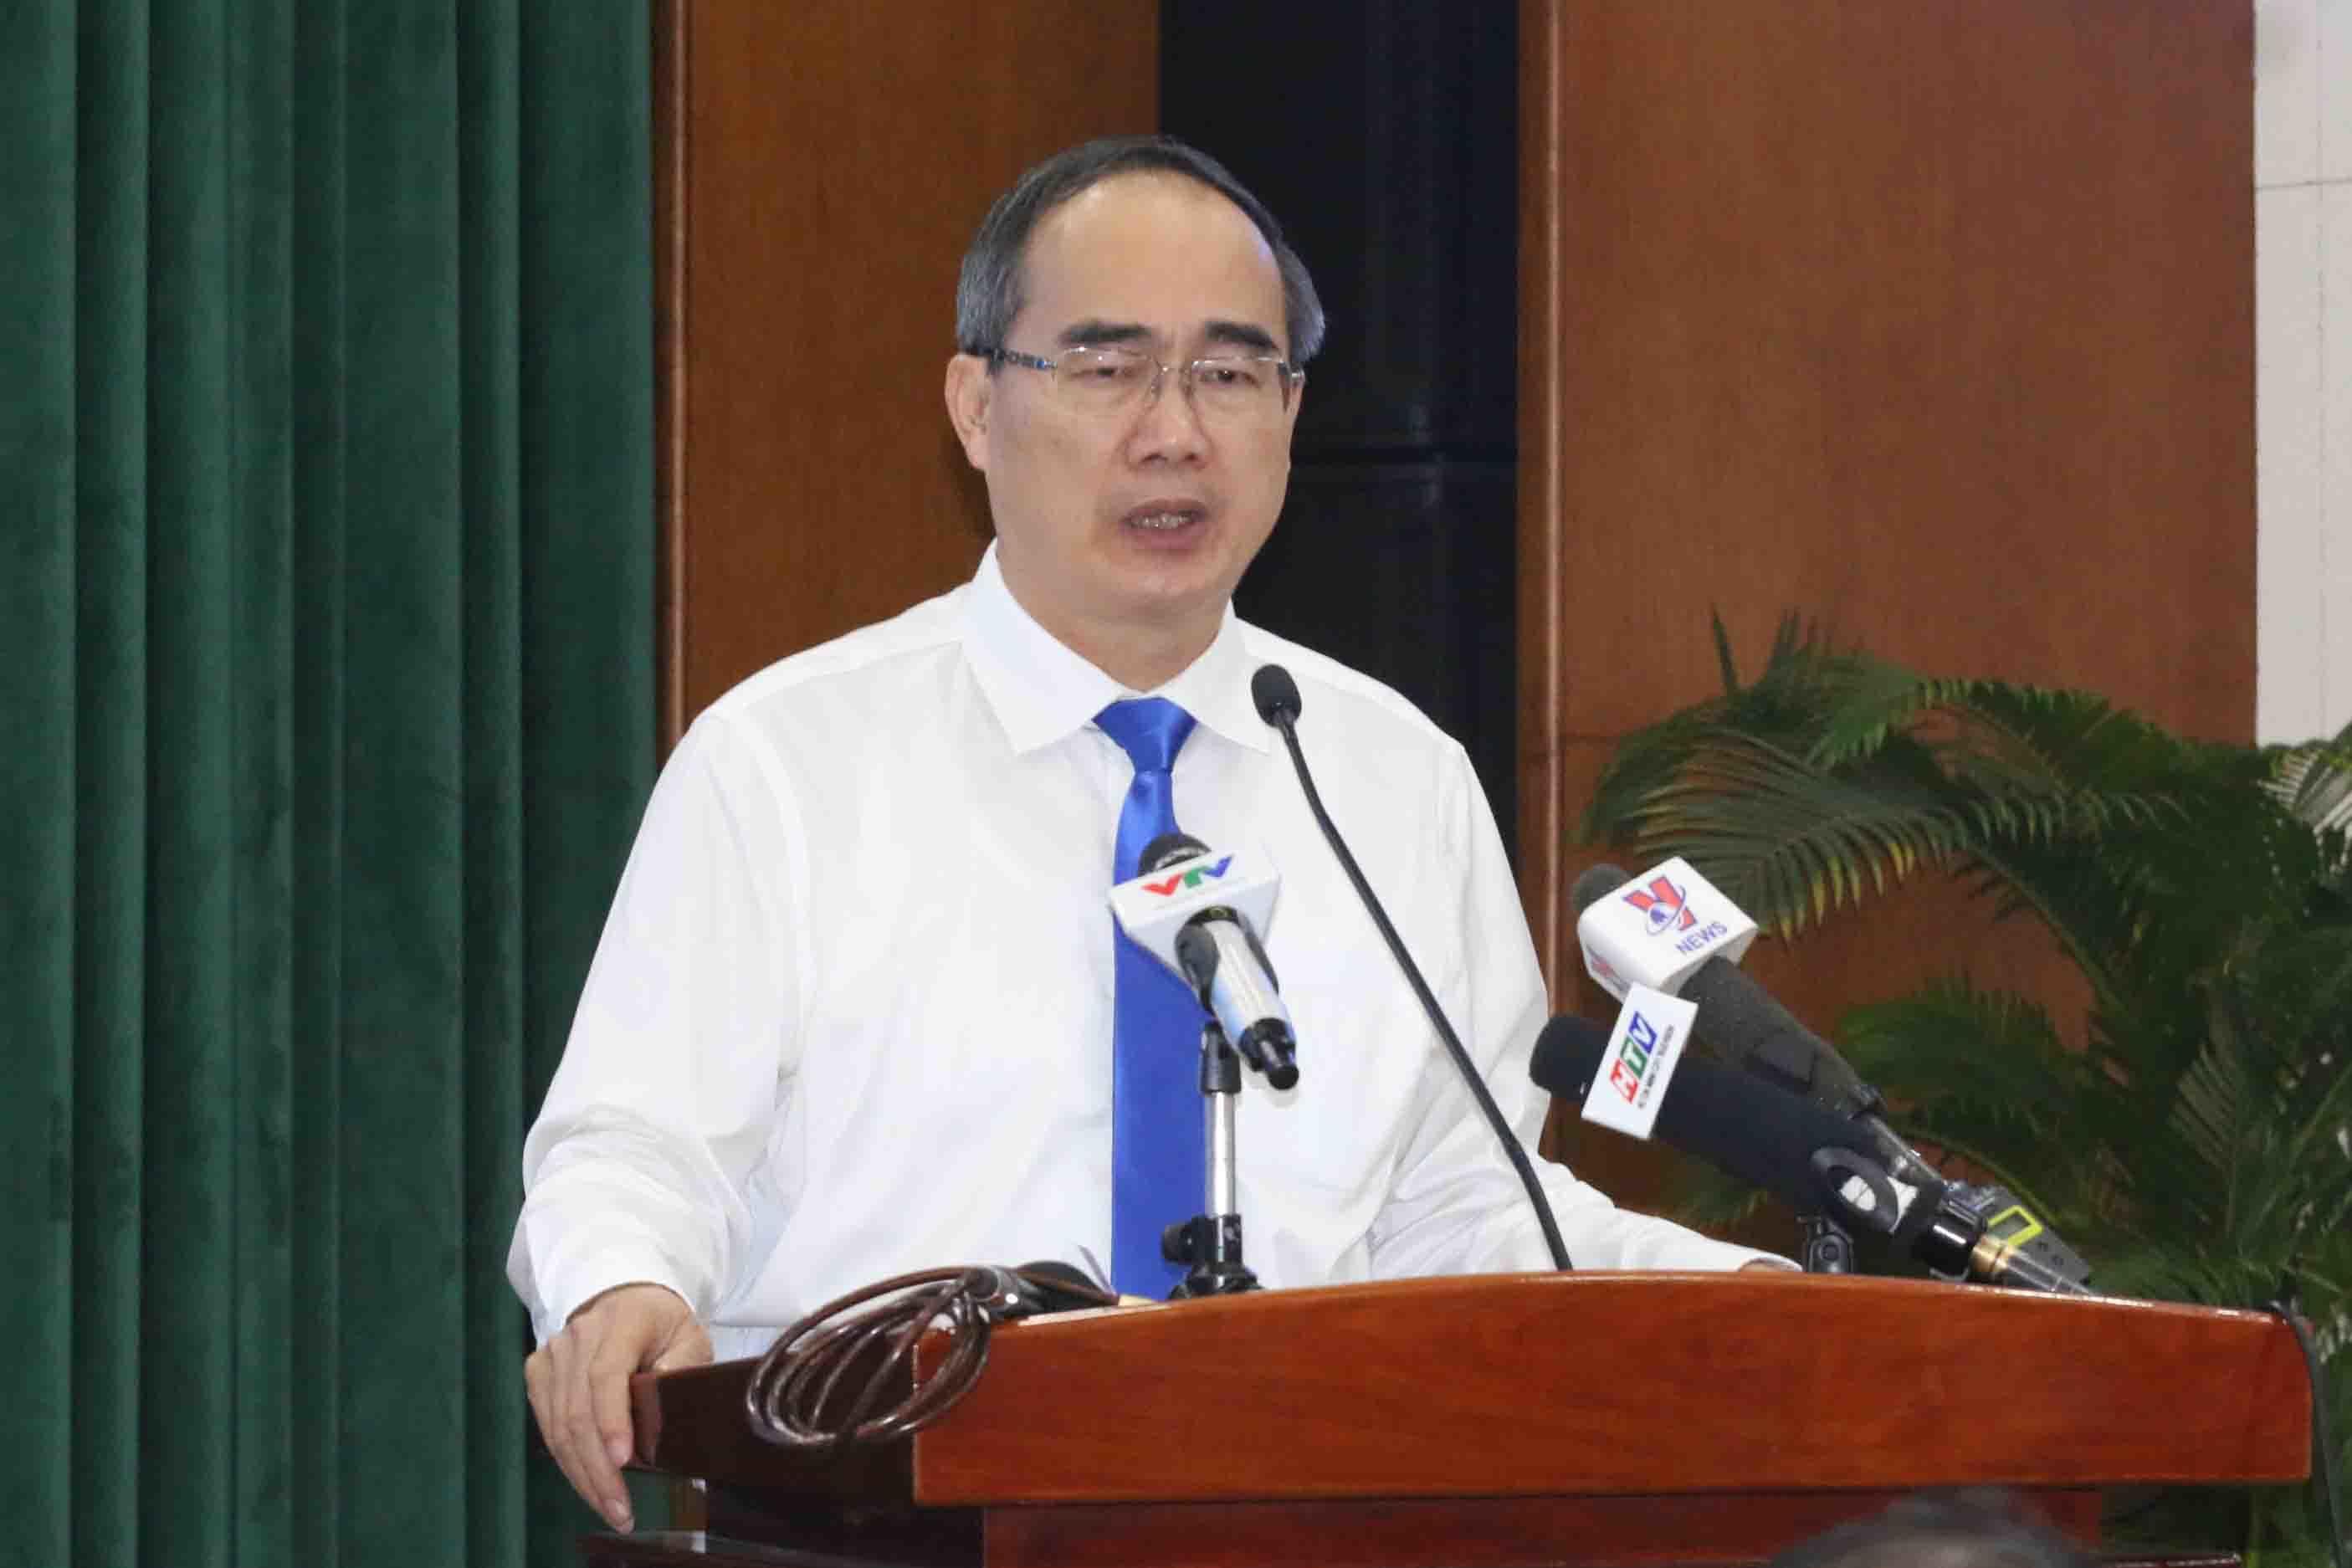 Bí thư Nguyễn Thiện Nhân nói về vụ xả súng 5 người chết ở TP.HCM